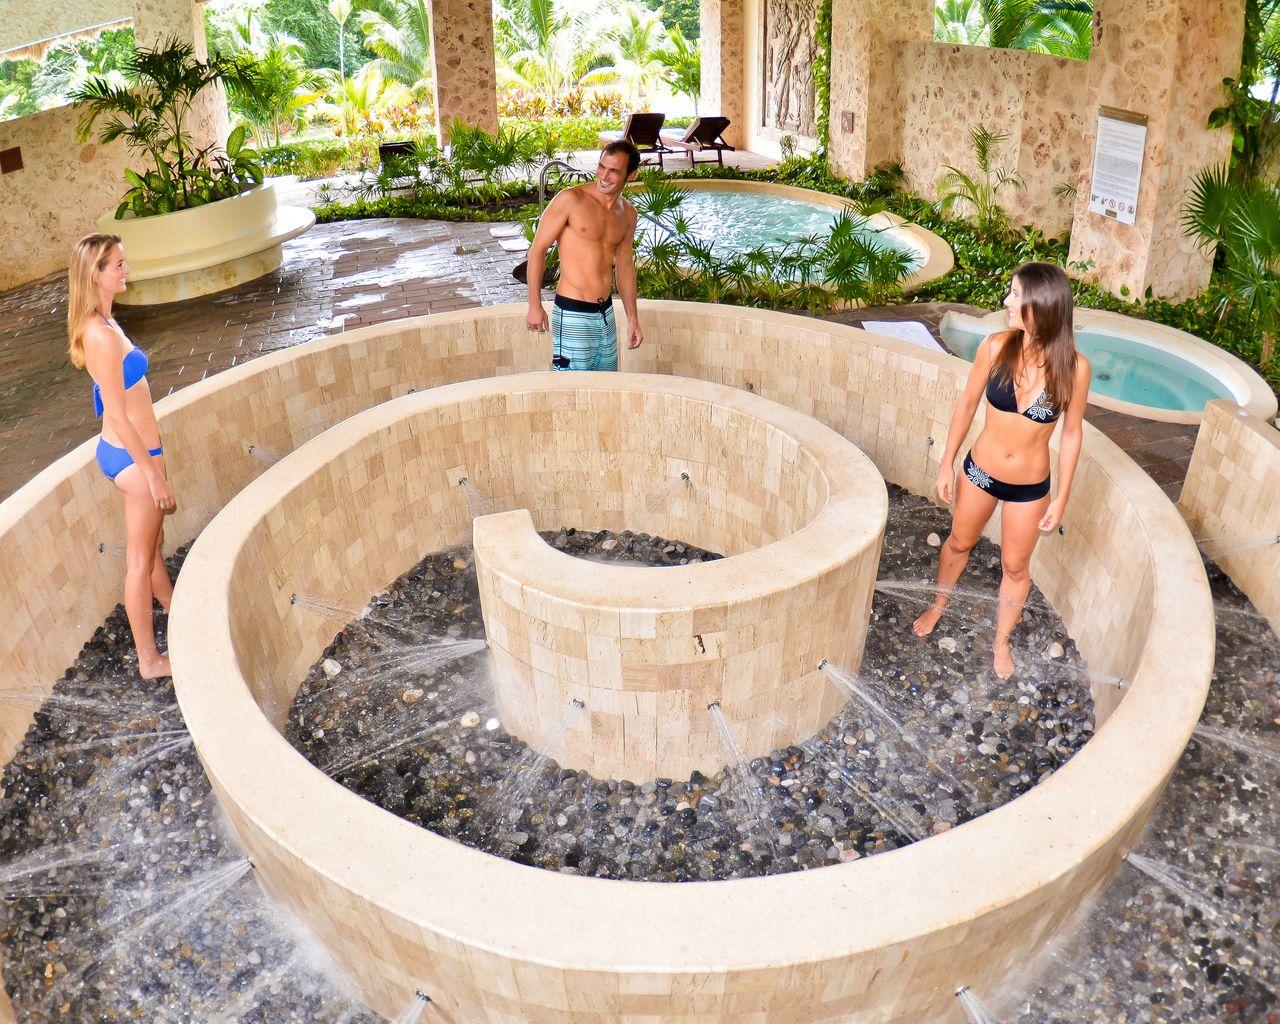 Resort in Riviera Maya – Grand Palladium Riviera Maya Resort